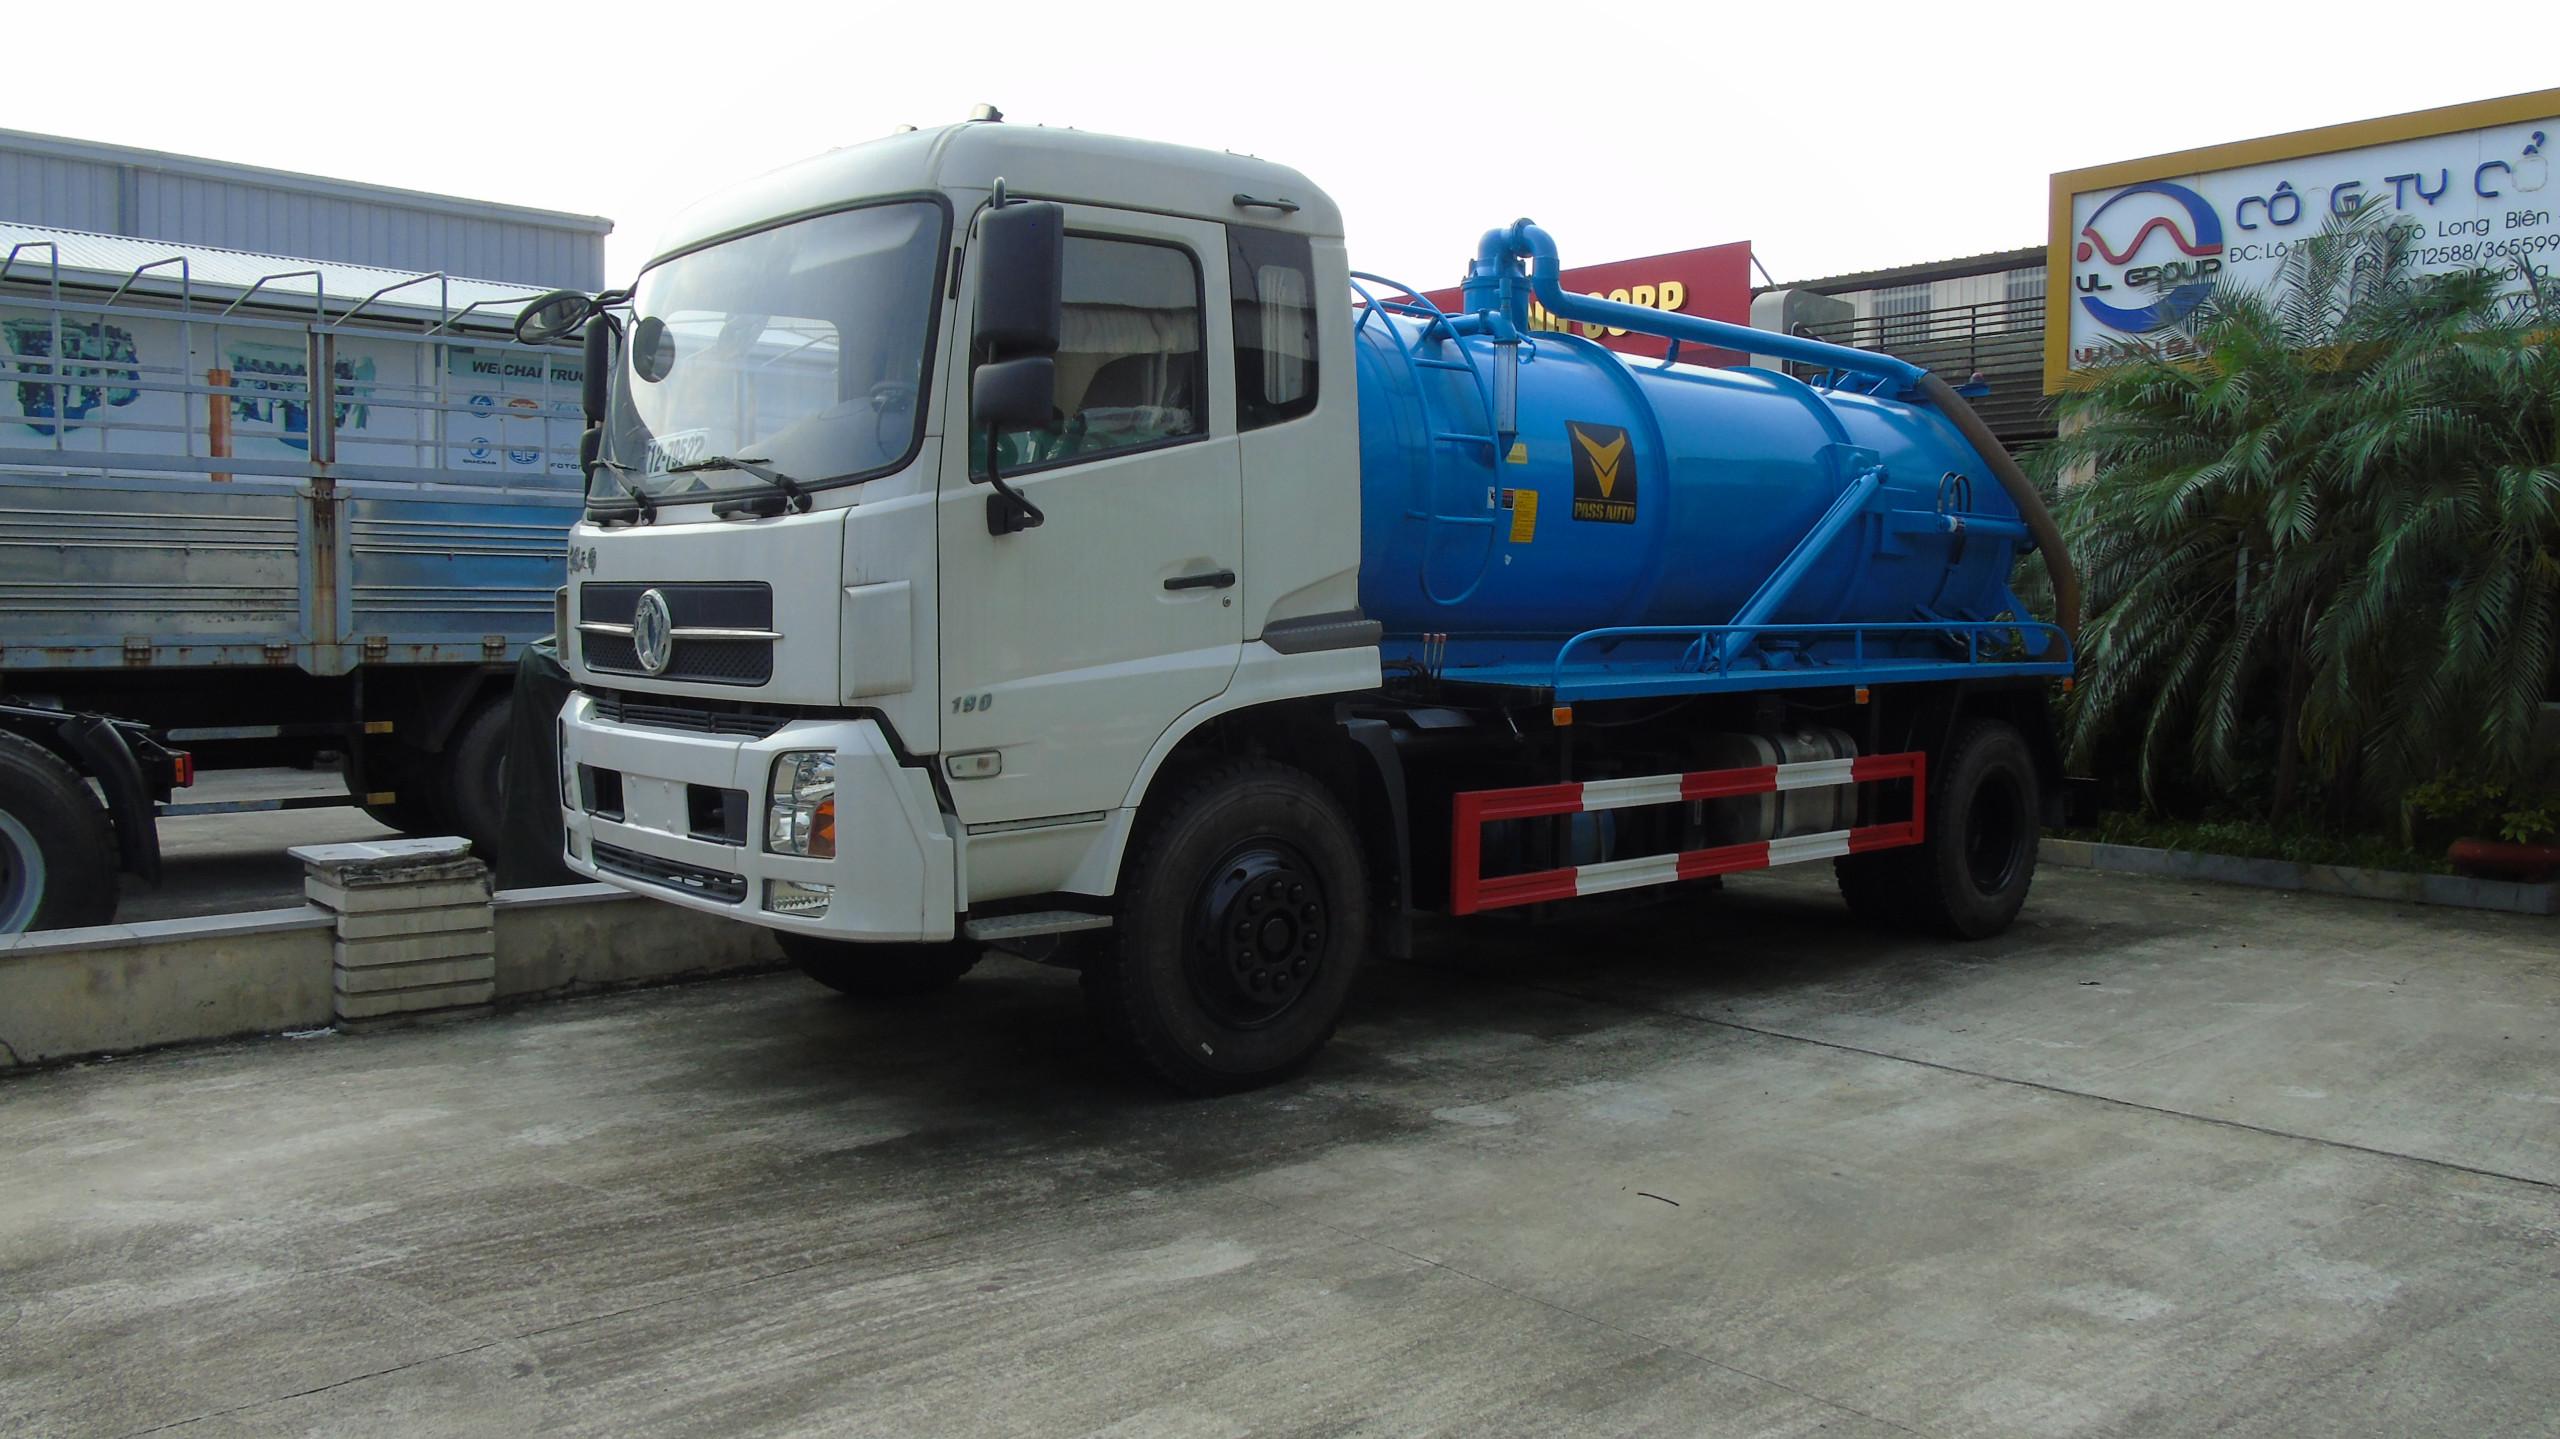 xe hút bùn dongfeng 8 khối nhập khẩu nguyên chiếc